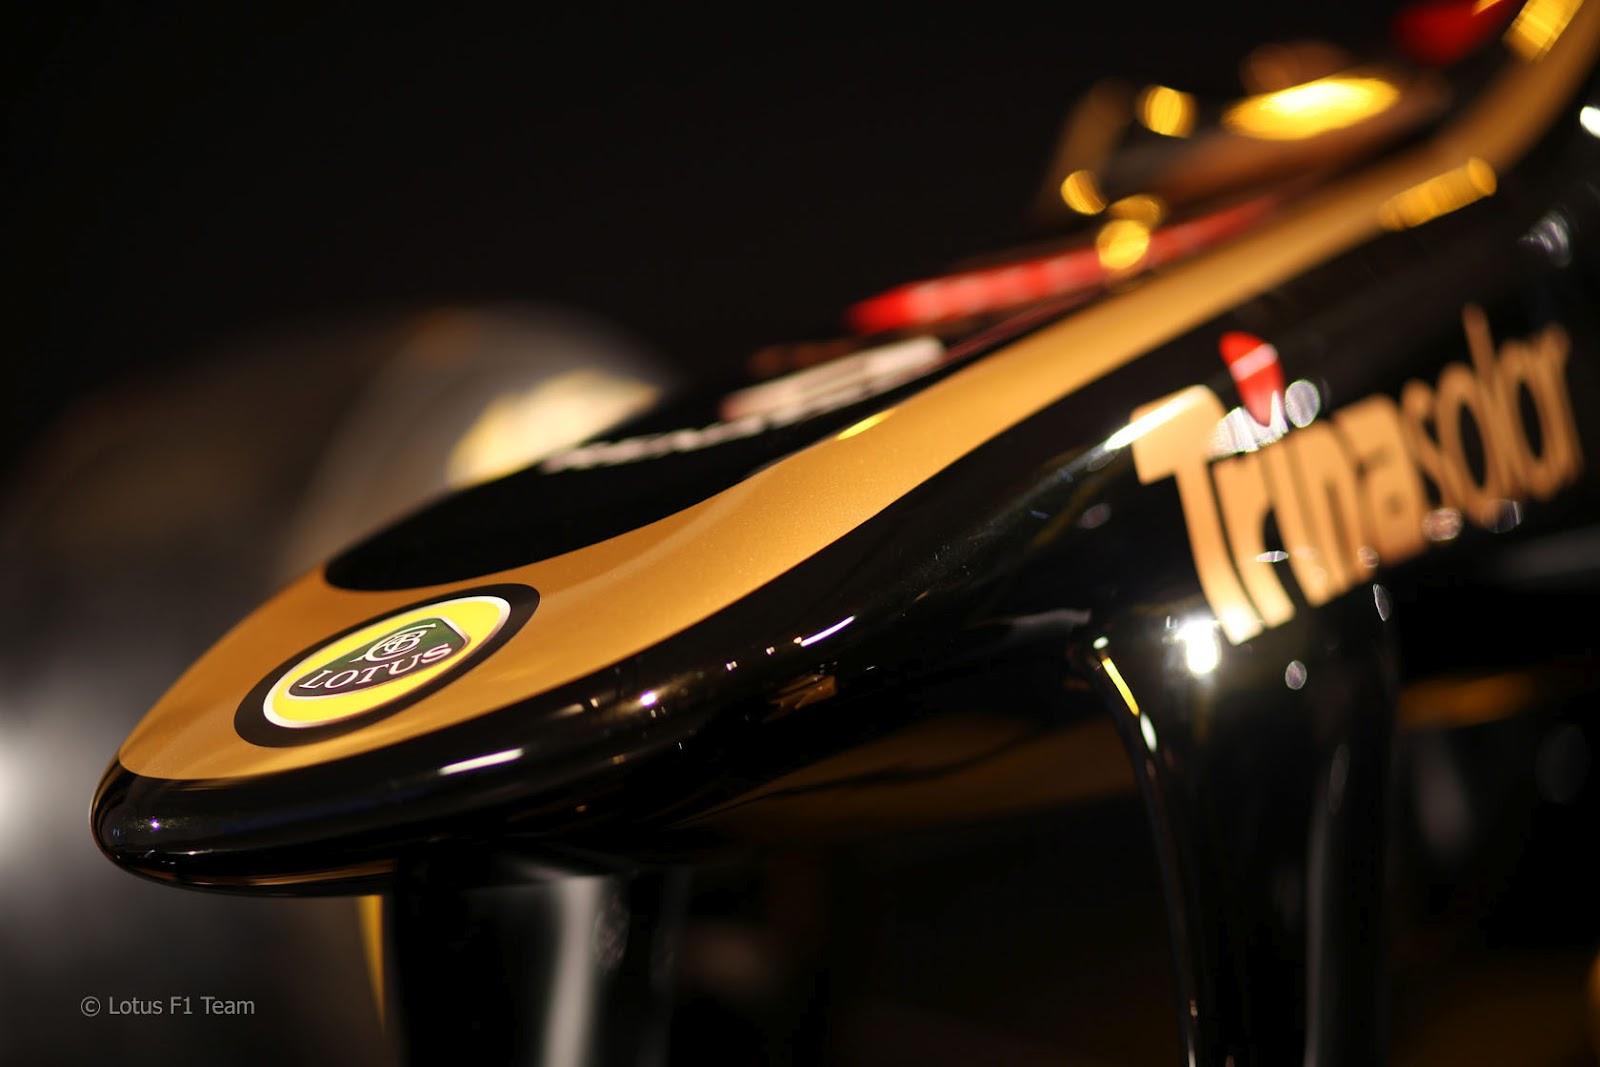 Lotus F1 Team E20 2012 Wallpaper Kfzoom